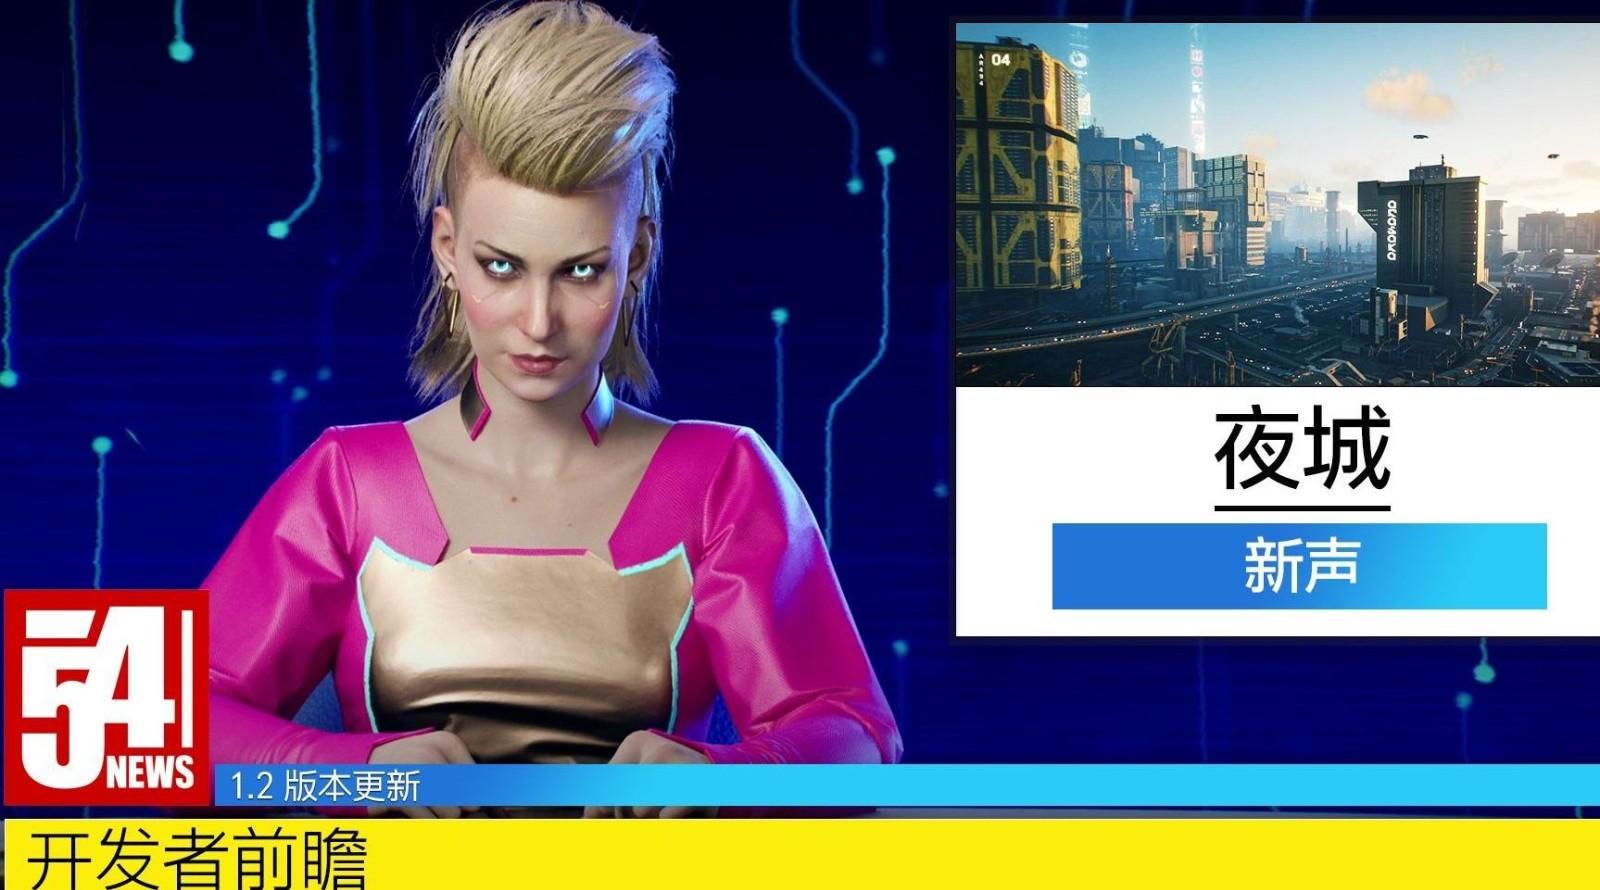 新一期夜城新声公布 《赛博朋克2077》1.2 版本前瞻